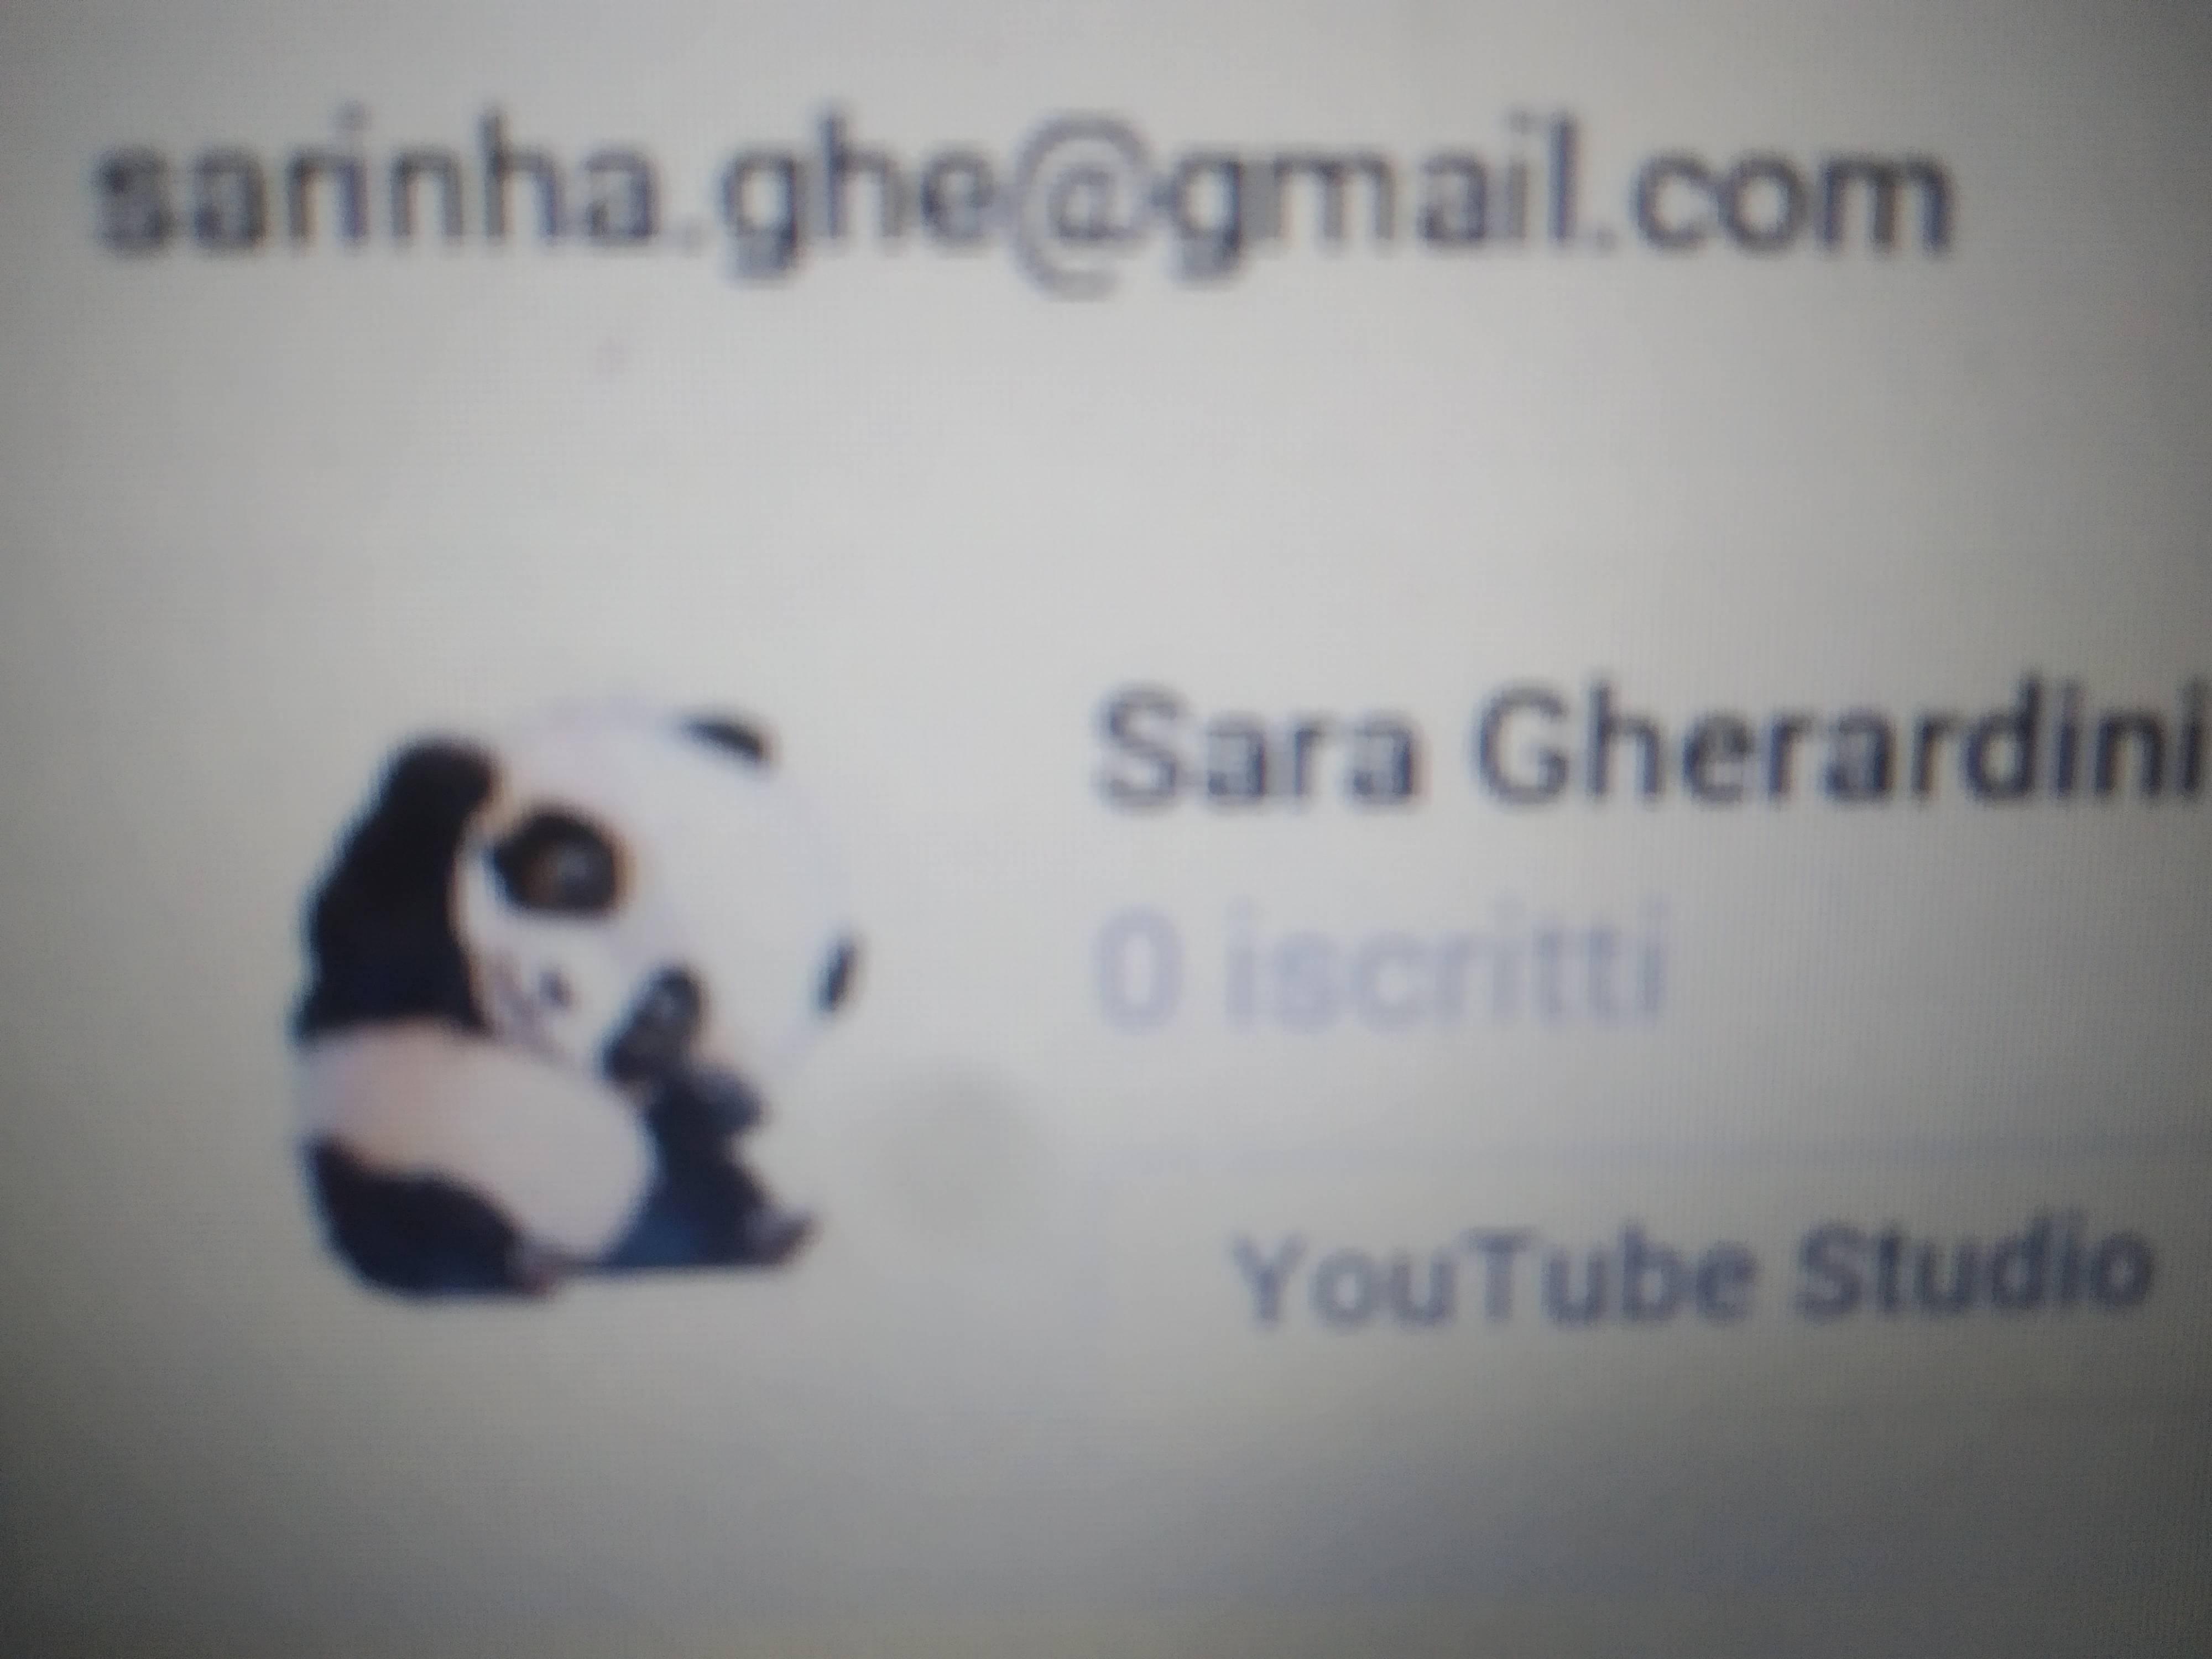 Sara Gherardini